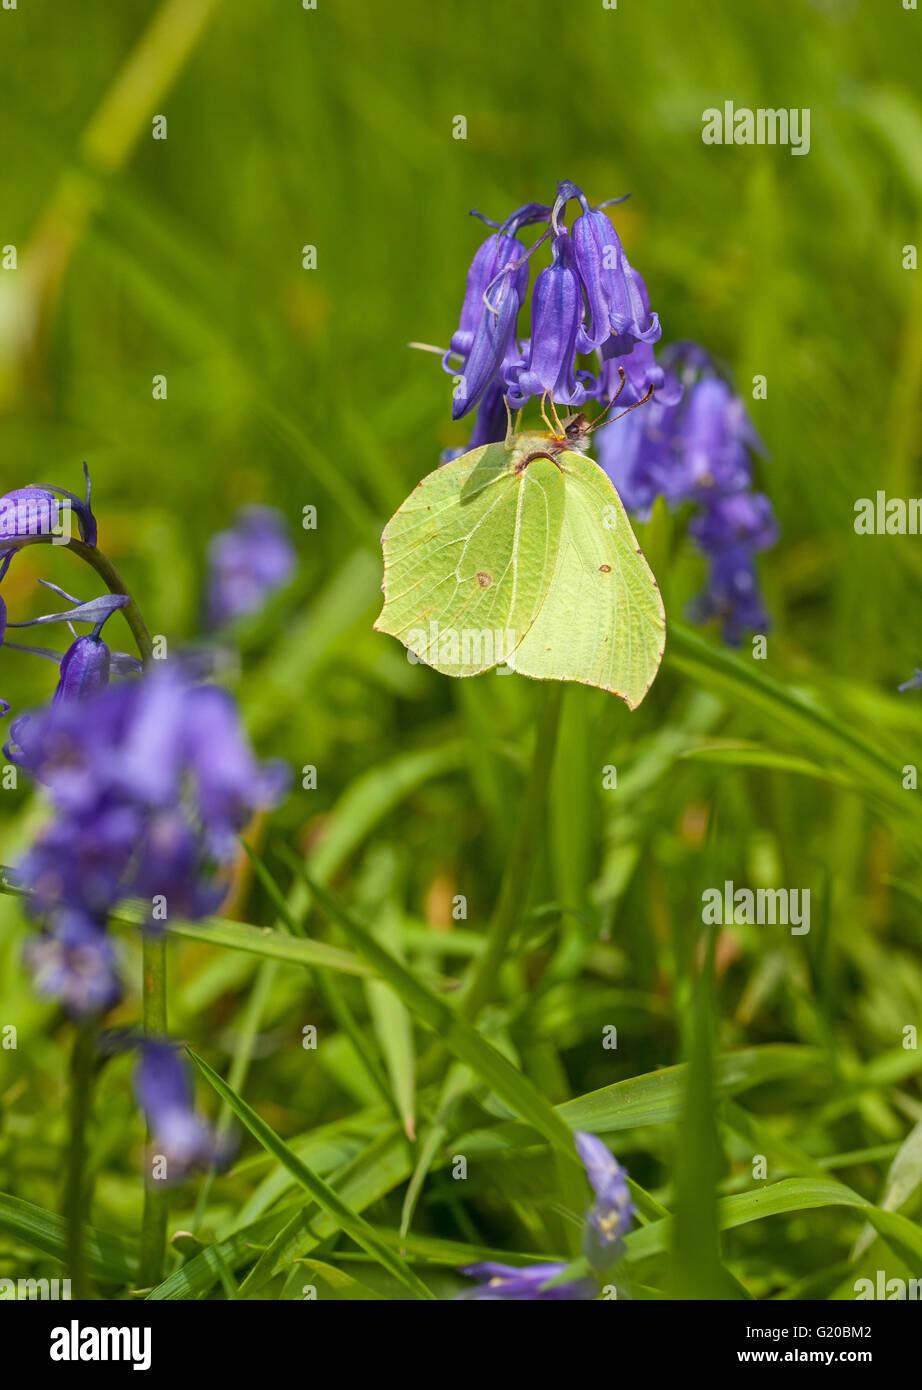 Brimstone Butterfly Gonepteryx rhamni en Blue Bell cabeza floral en la campiña inglesa Inglaterra después de pasar el invierno en hibernación Foto de stock